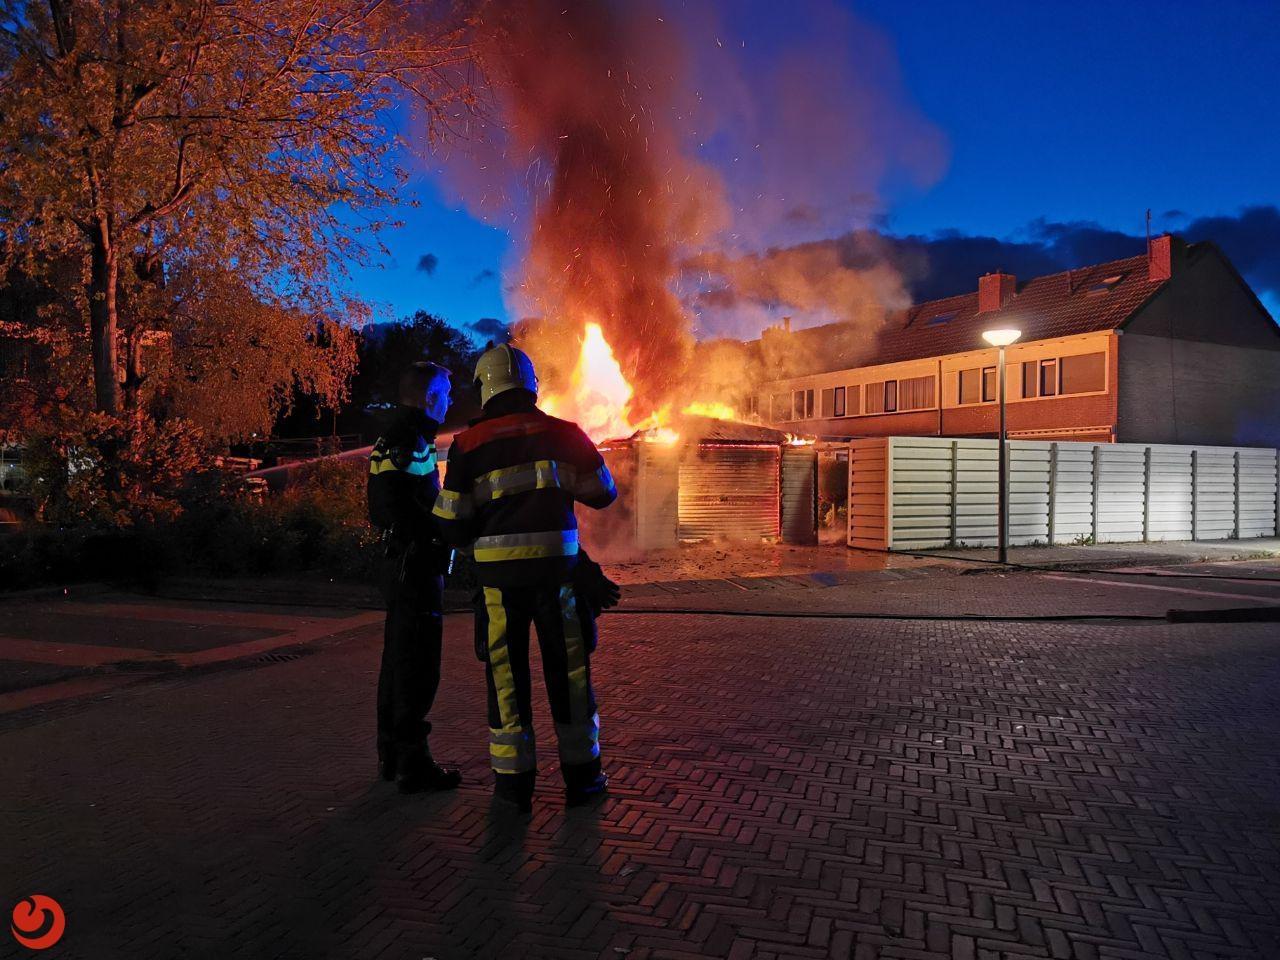 Mogelijk asbest vrijgekomen bij brand in garageboxen